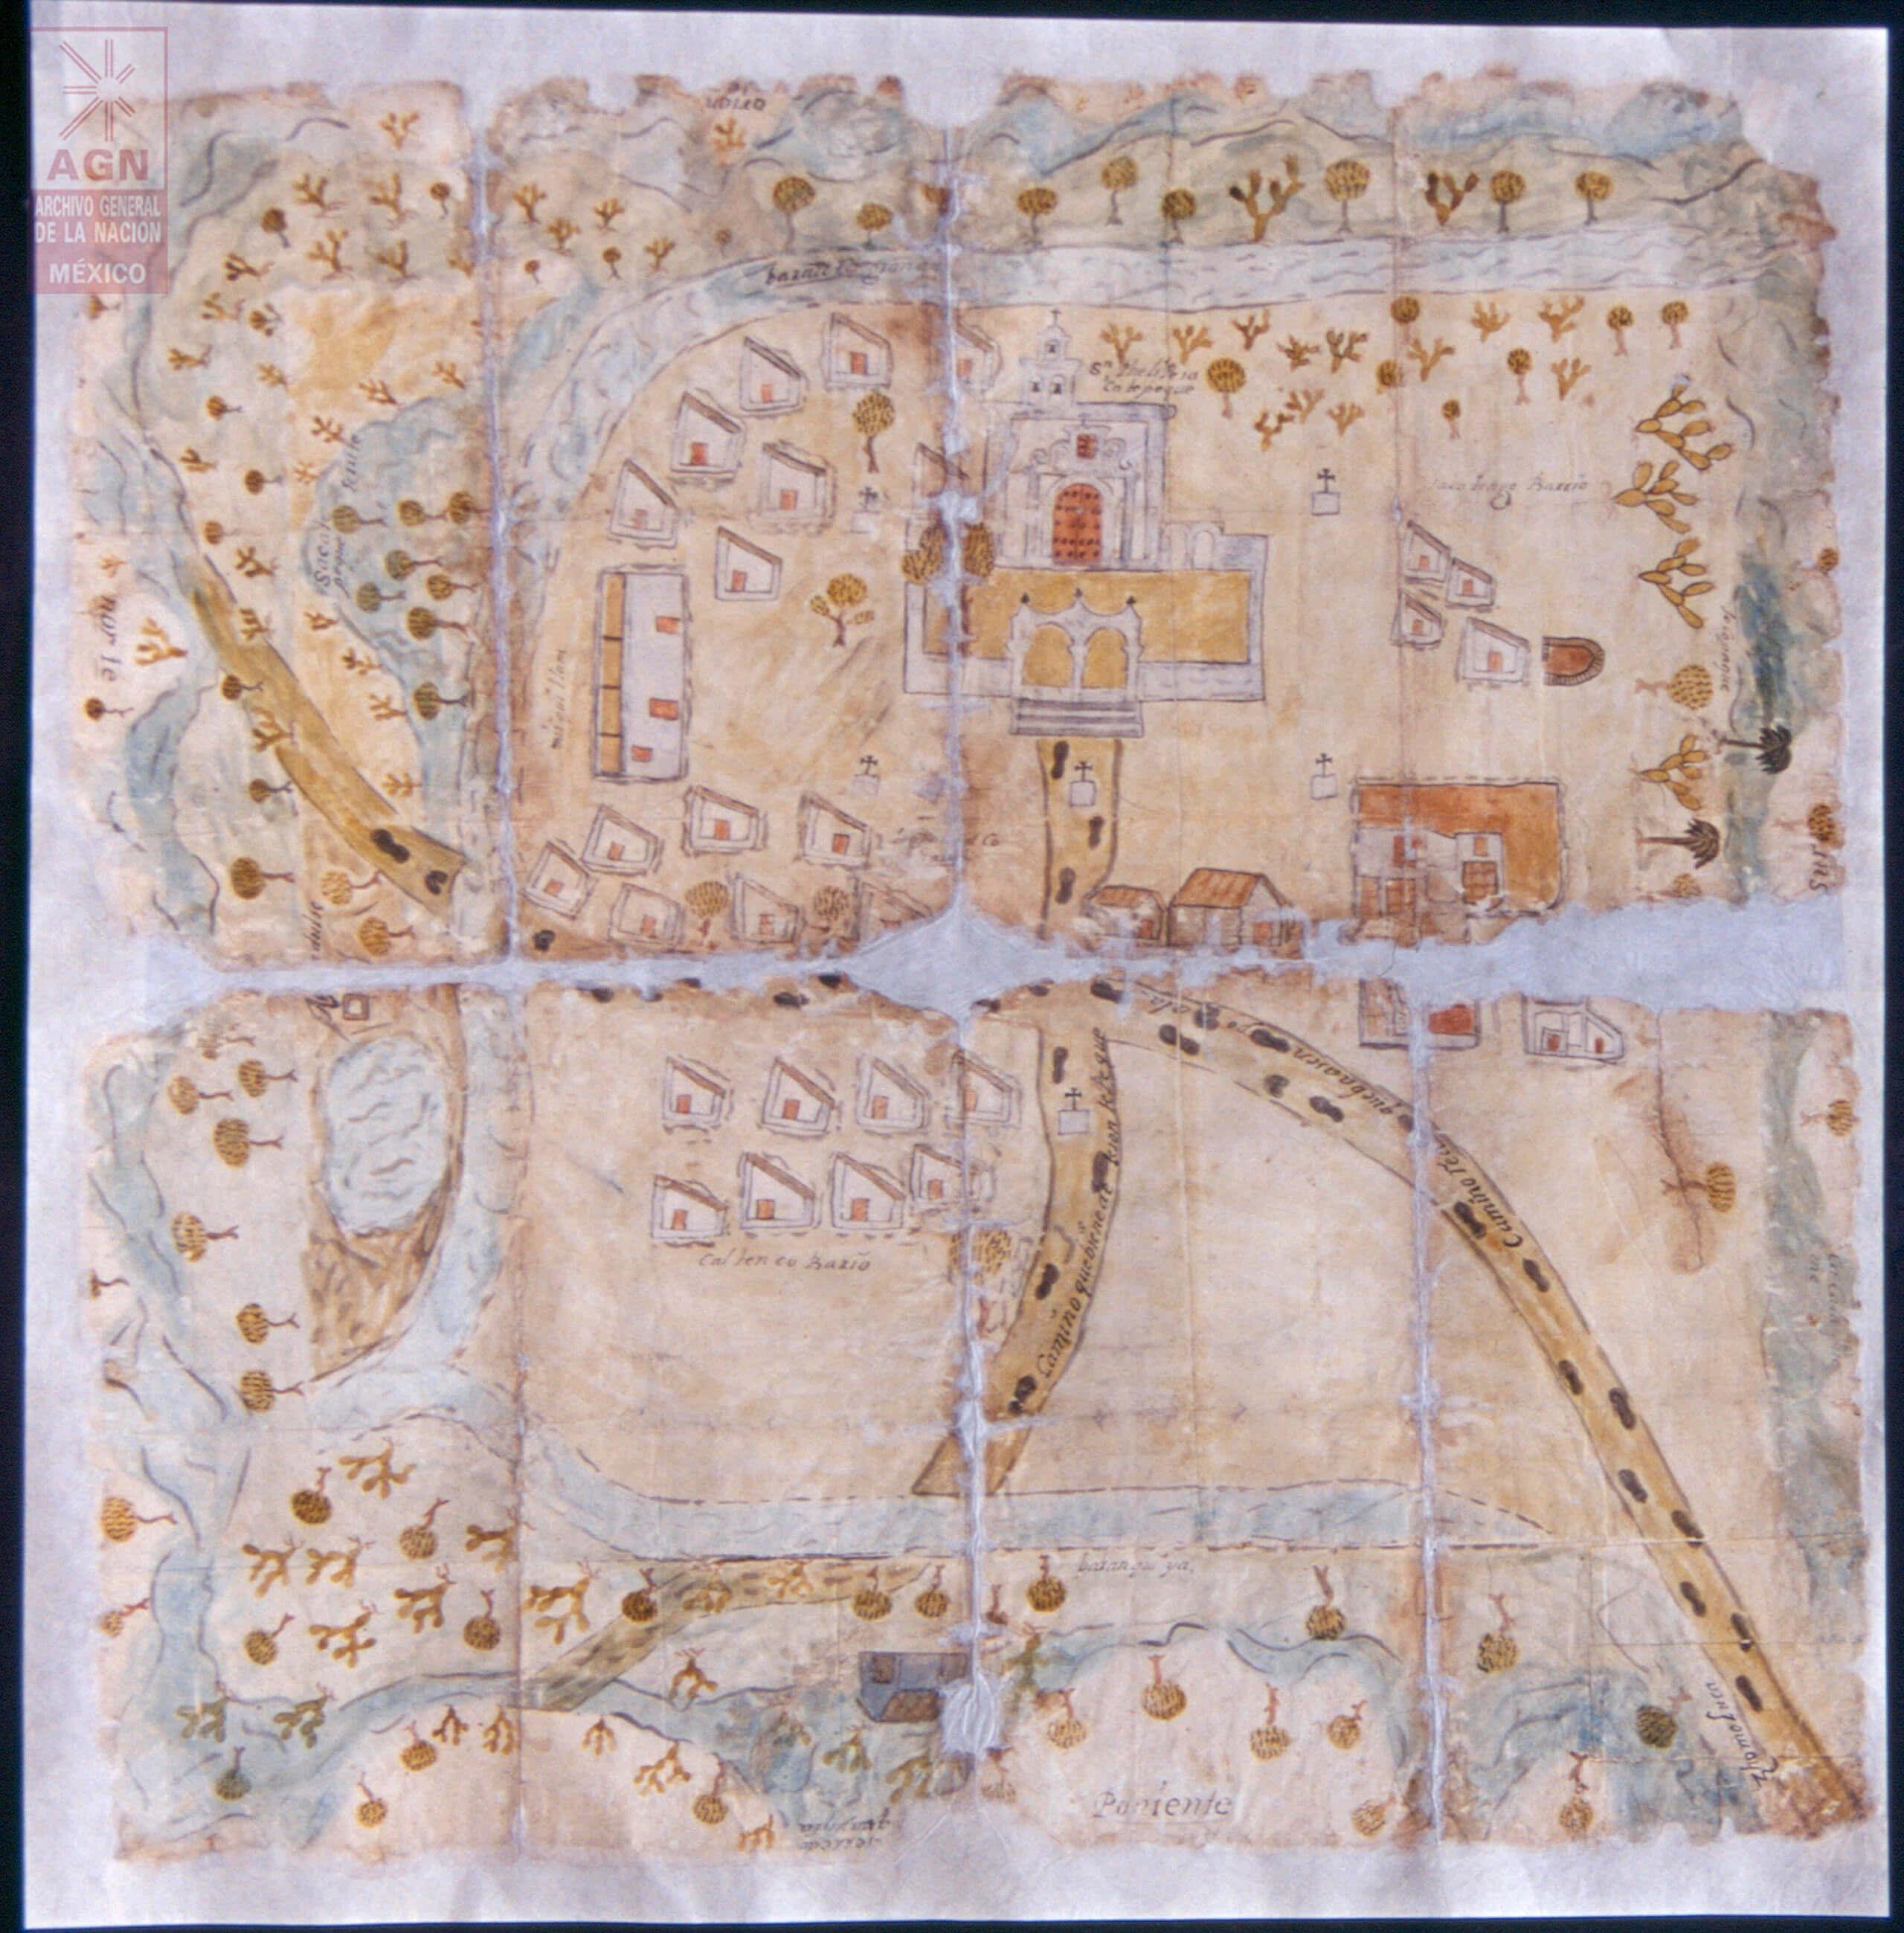 Mapa de San Felipe Sacatepeque, Axapusco, Estado de México | In Tlilli in Tlapalli. Imágenes de la nueva tierra: identidad indígena después de la conquista | Museo Amparo, Puebla